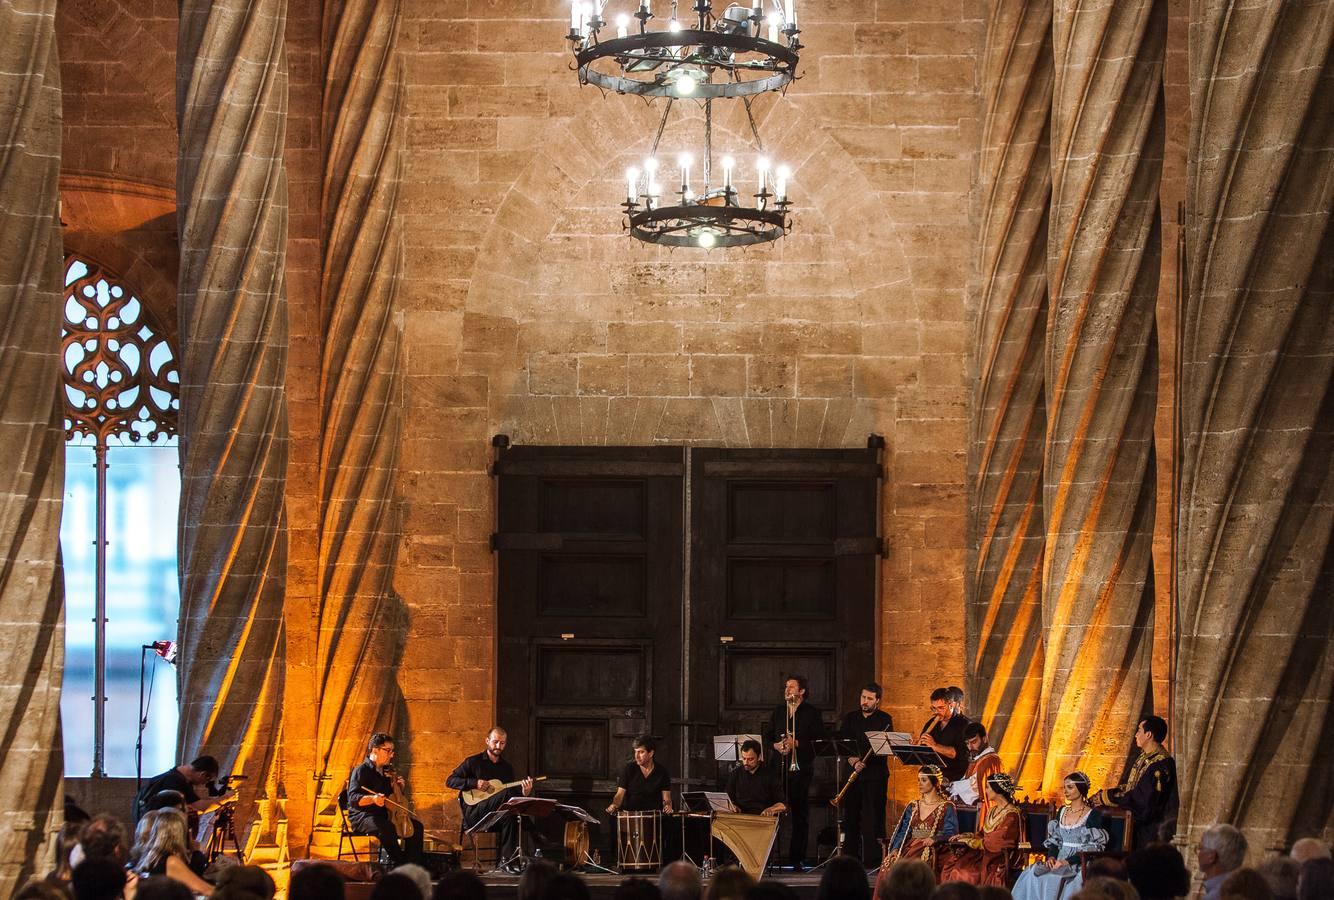 Capella de Ministrers, en la Lonja de Valencia. Por Francisco Hernández